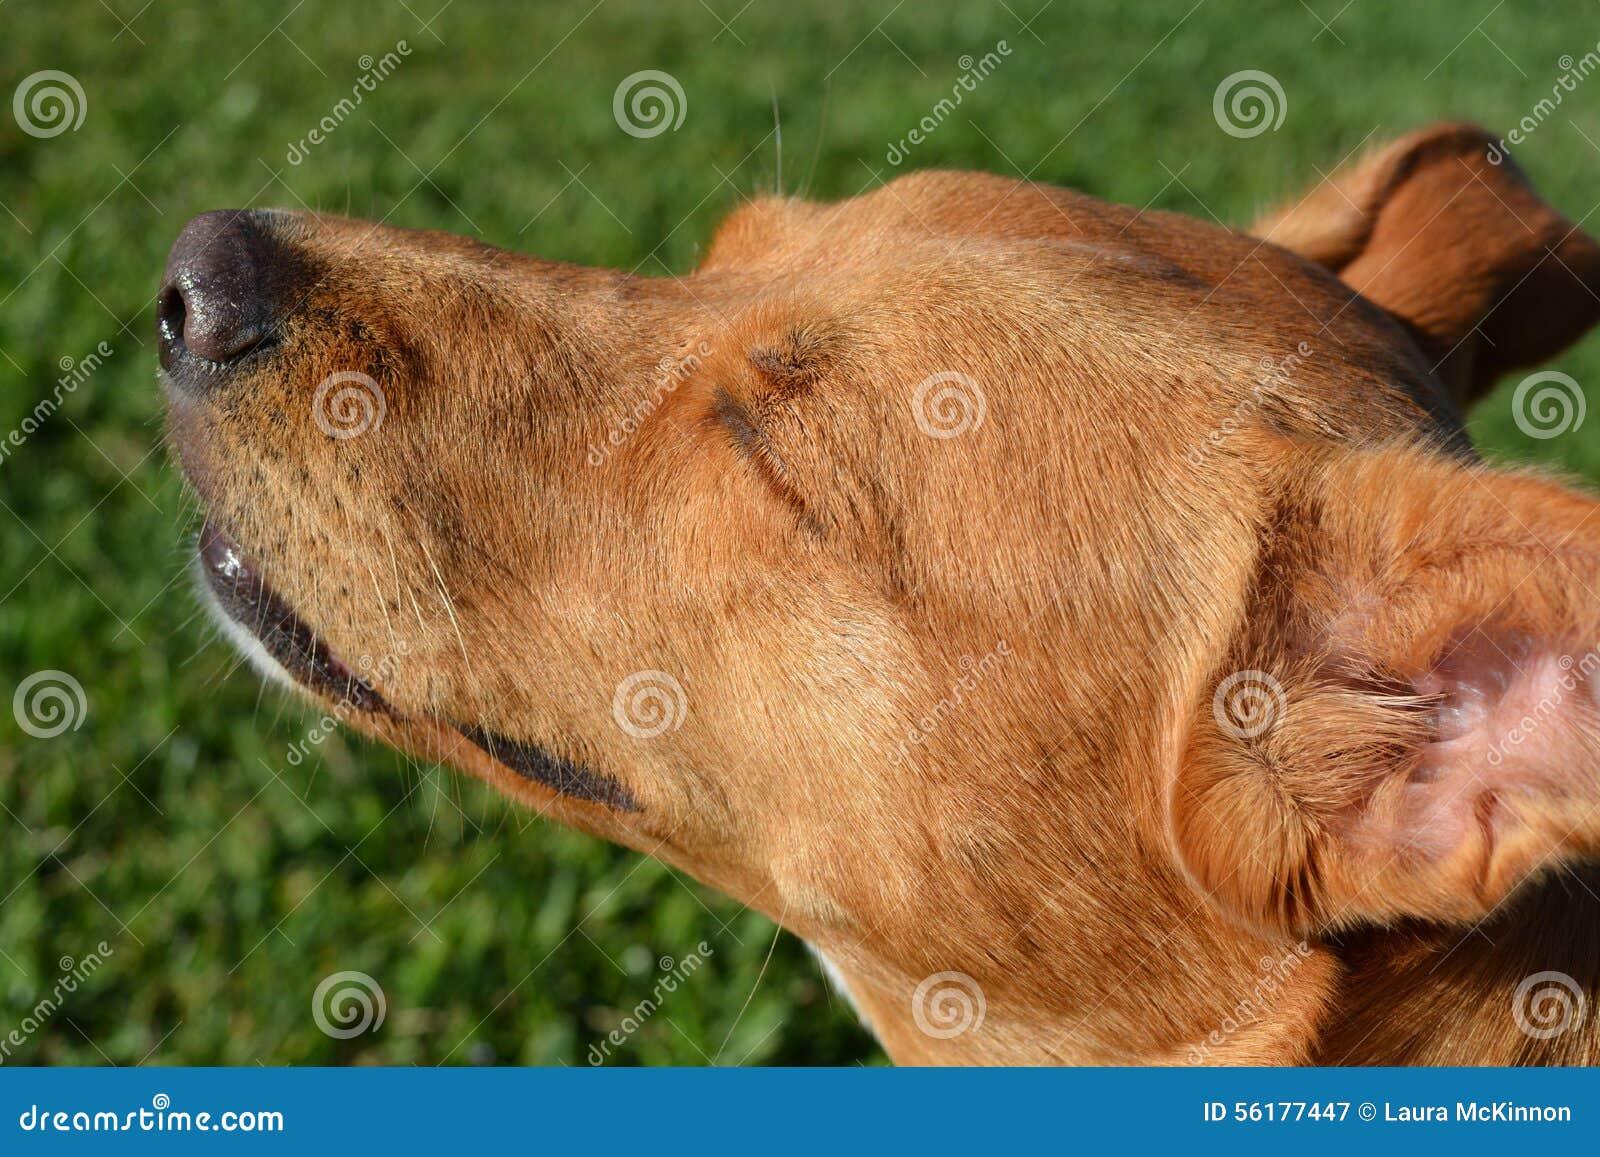 Dog enjoying the sunshine on her face